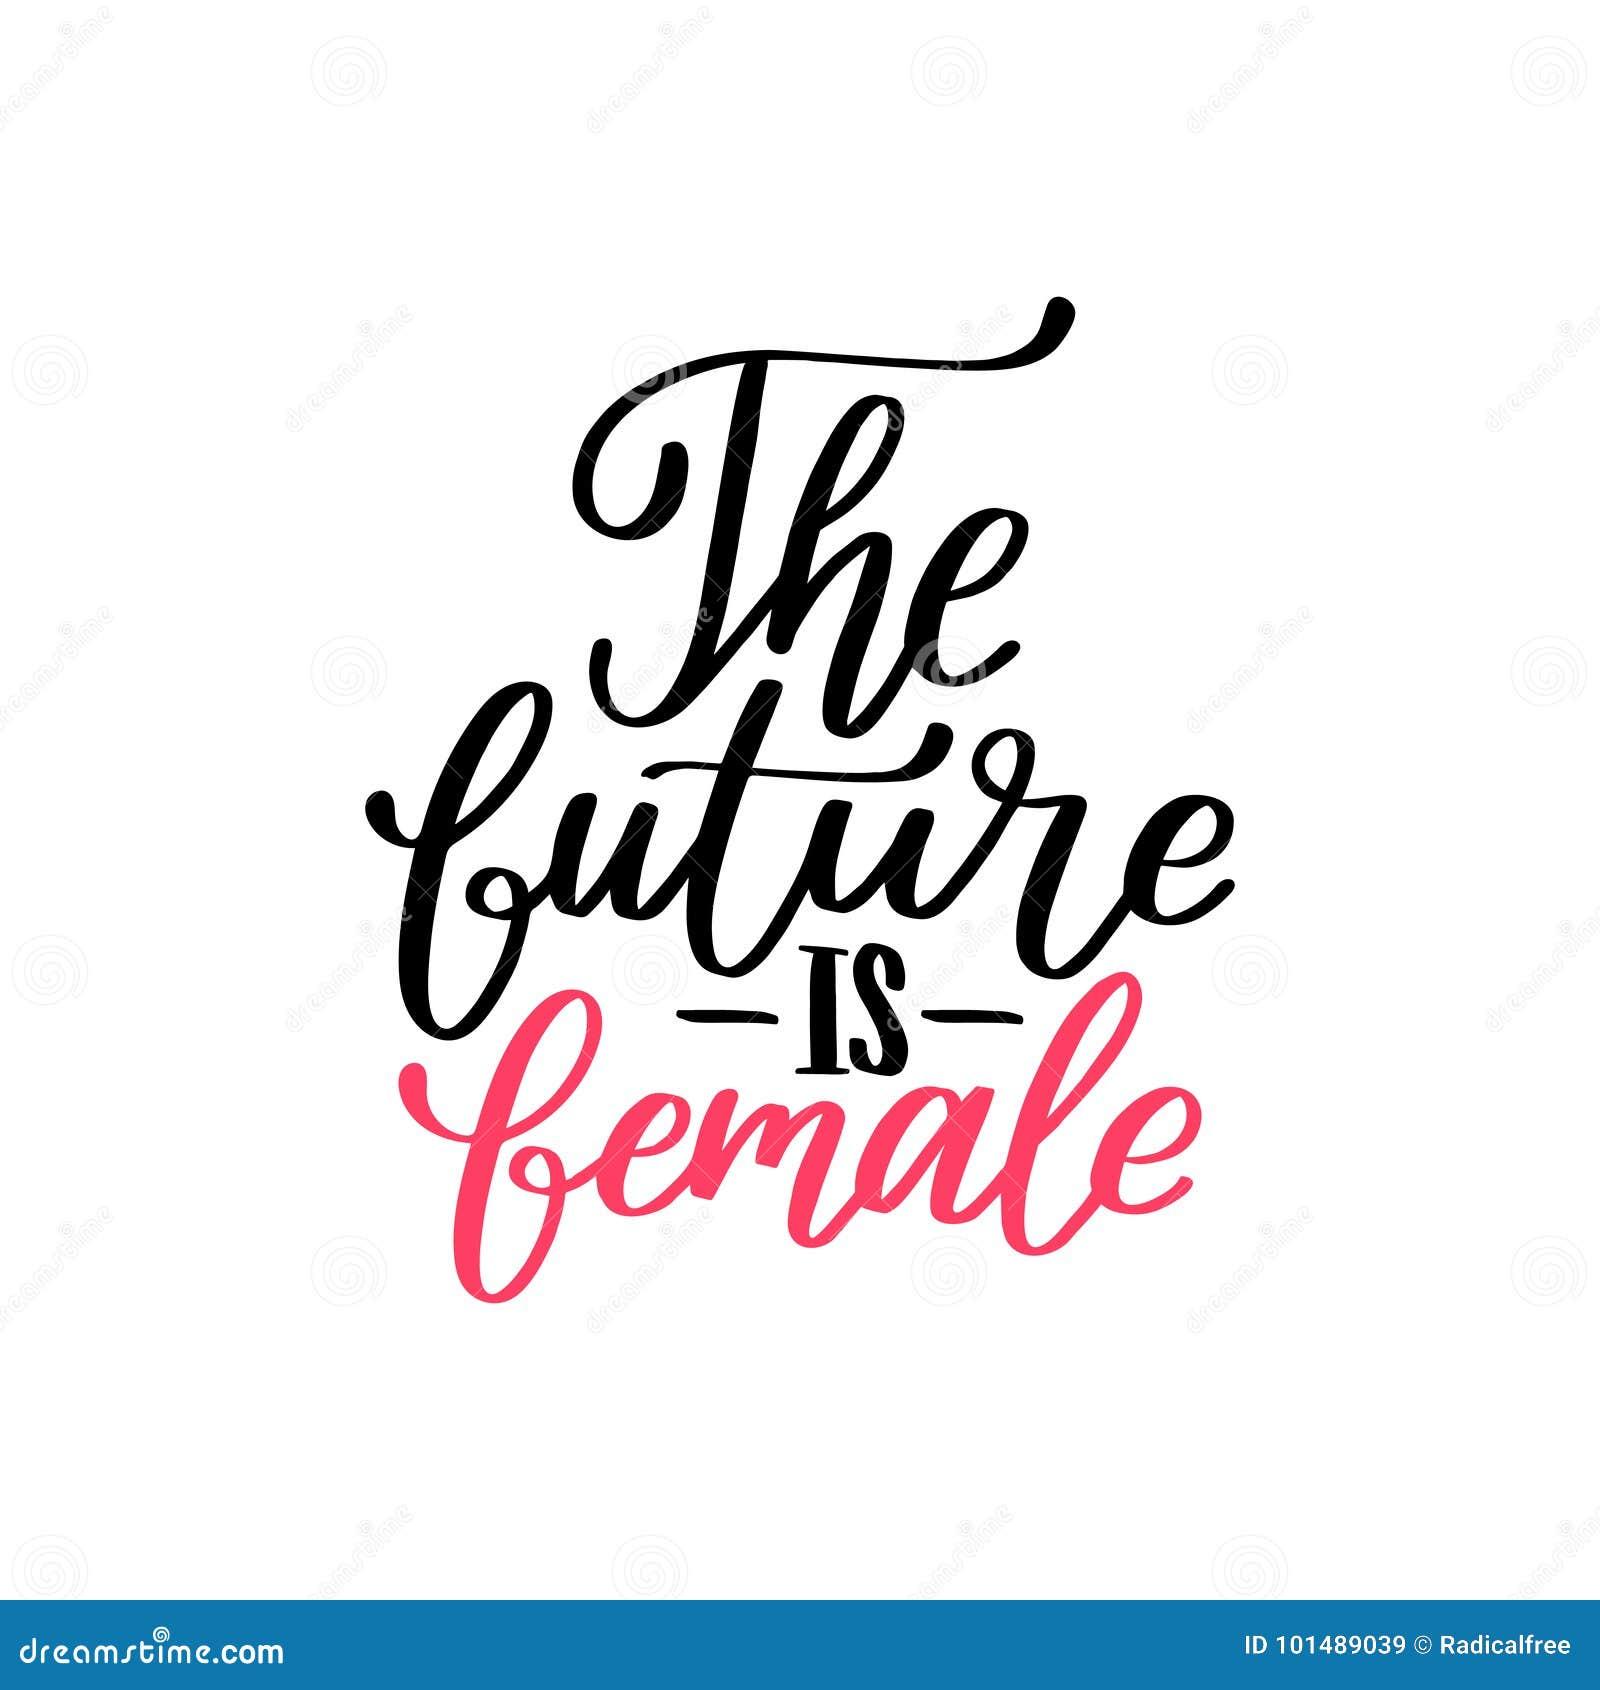 Die Zukunft ist weiblicher Handbeschriftungsdruck Vector kalligraphische Illustration der Frauenbewegung auf weißem Hintergrund